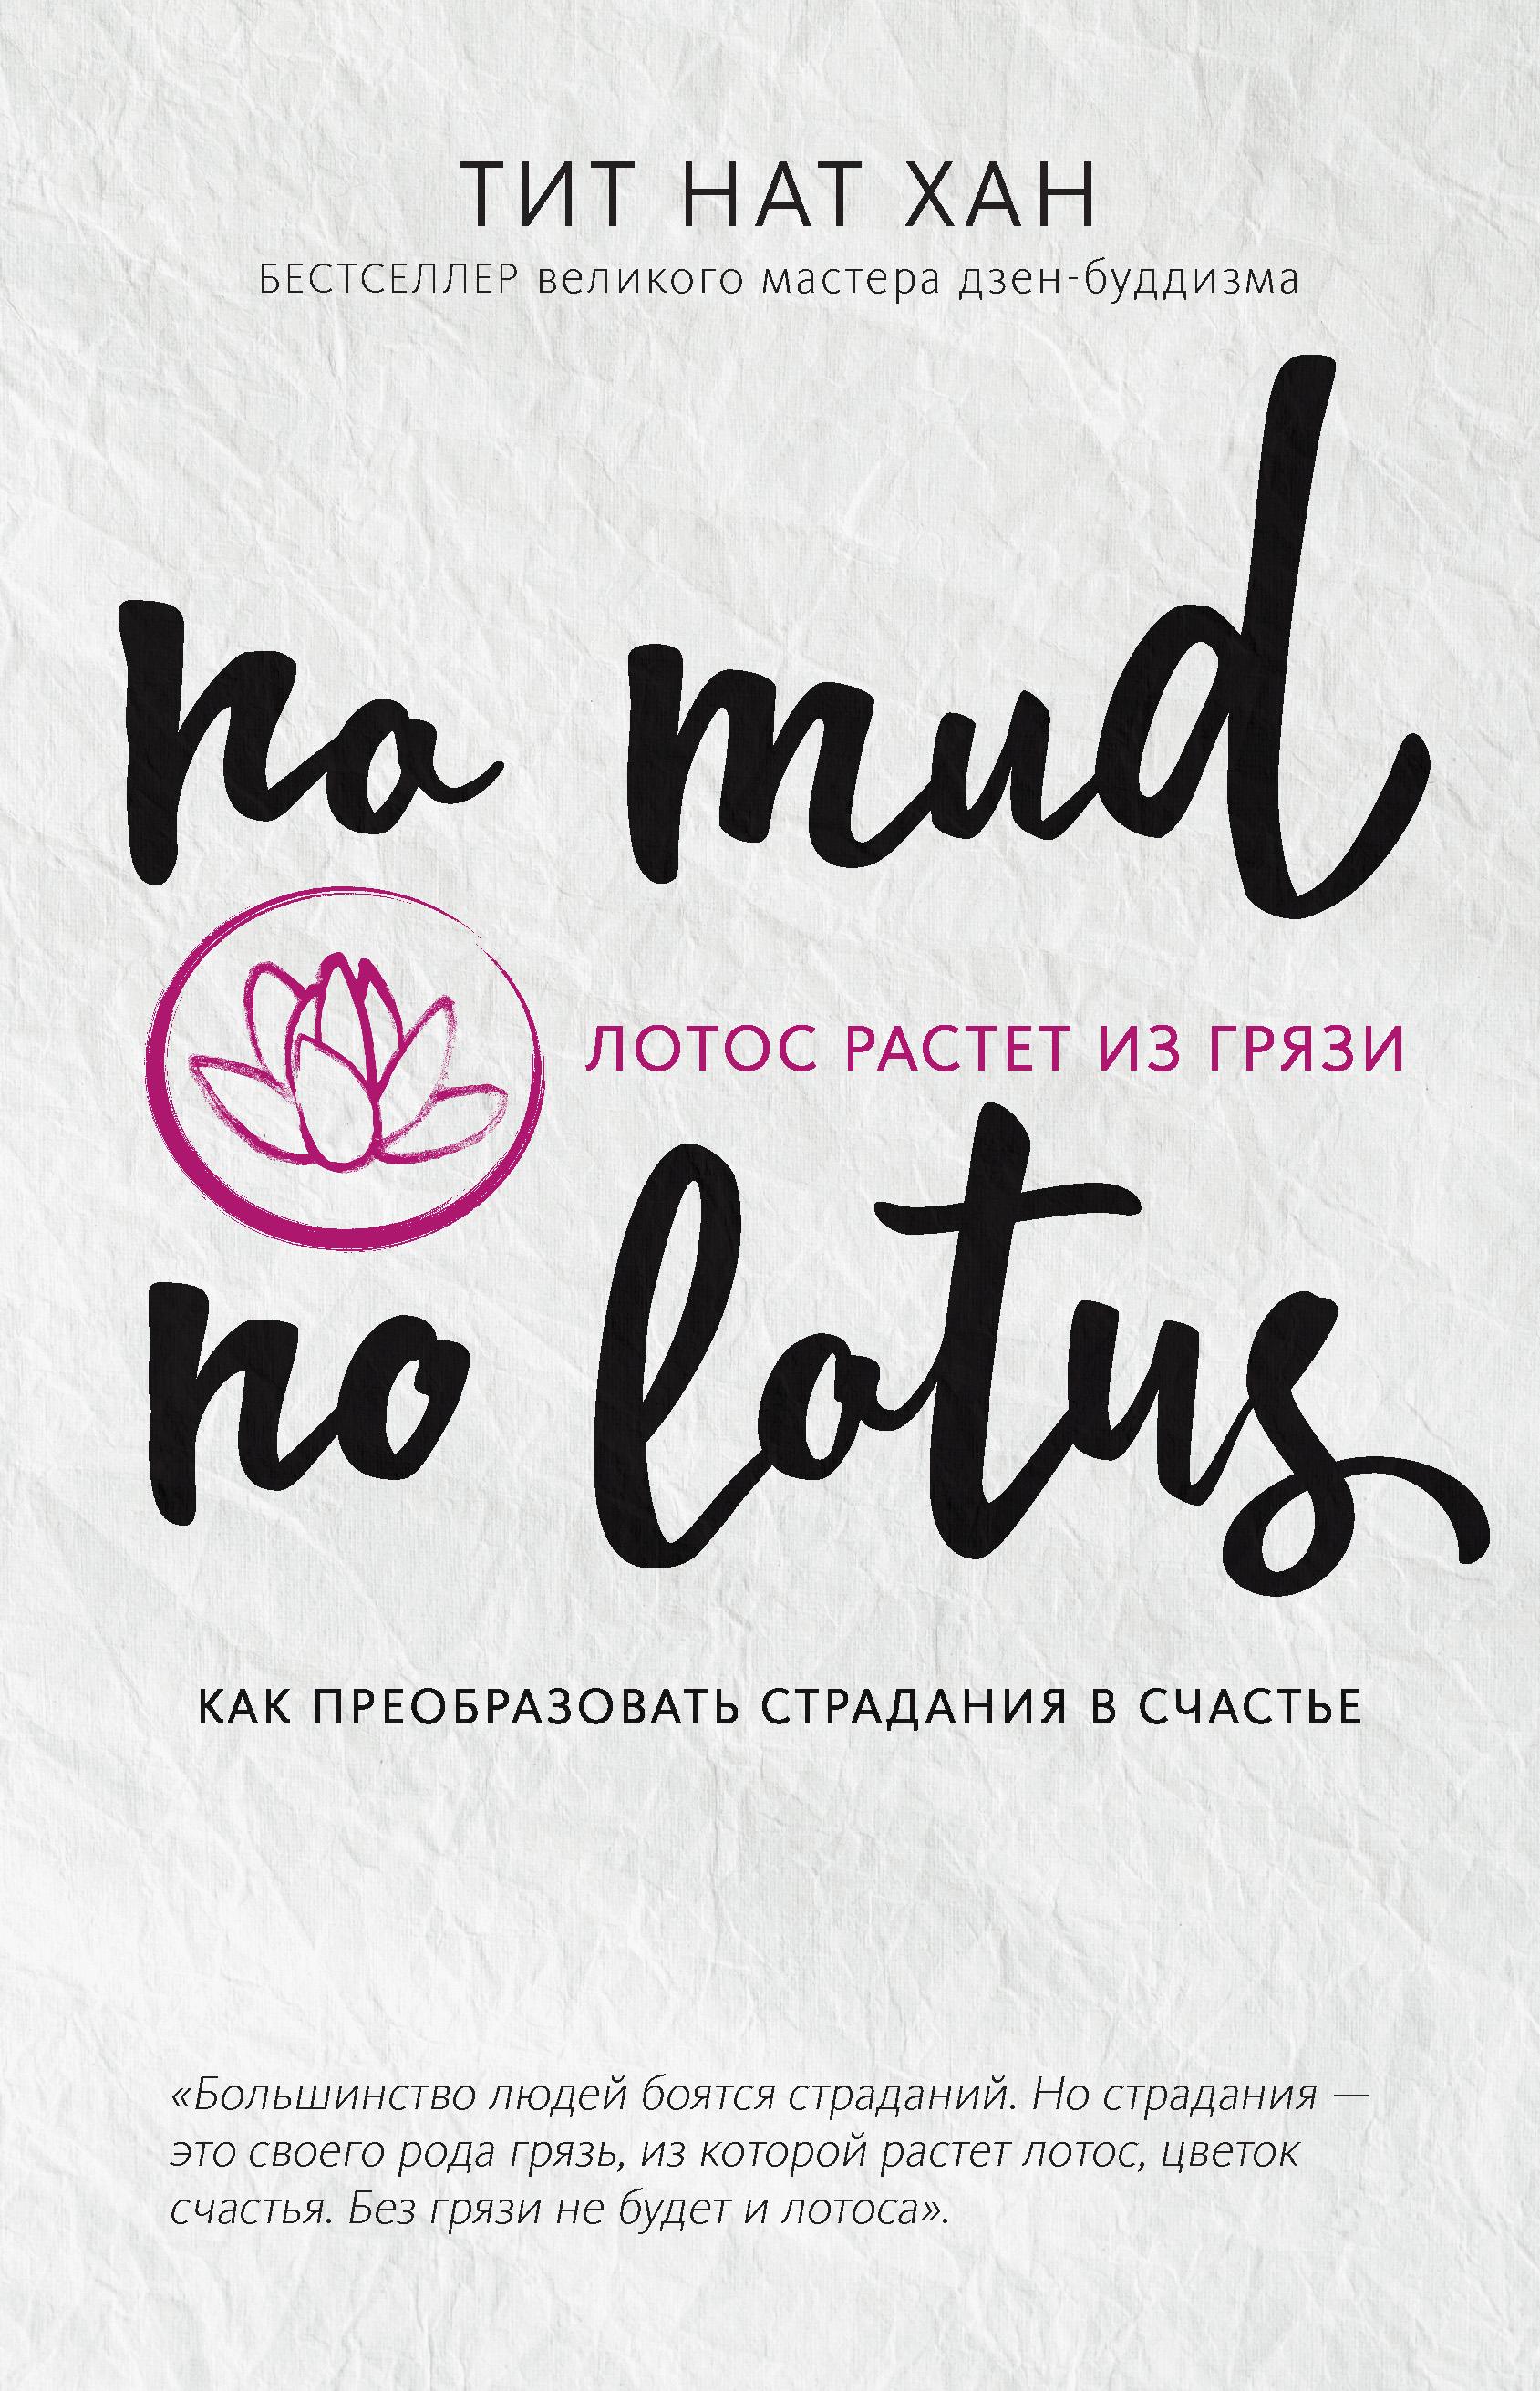 Тит Нат Хан, Линда Линн «Лотос растет из грязи. Как преобразовать страдания в счастье»